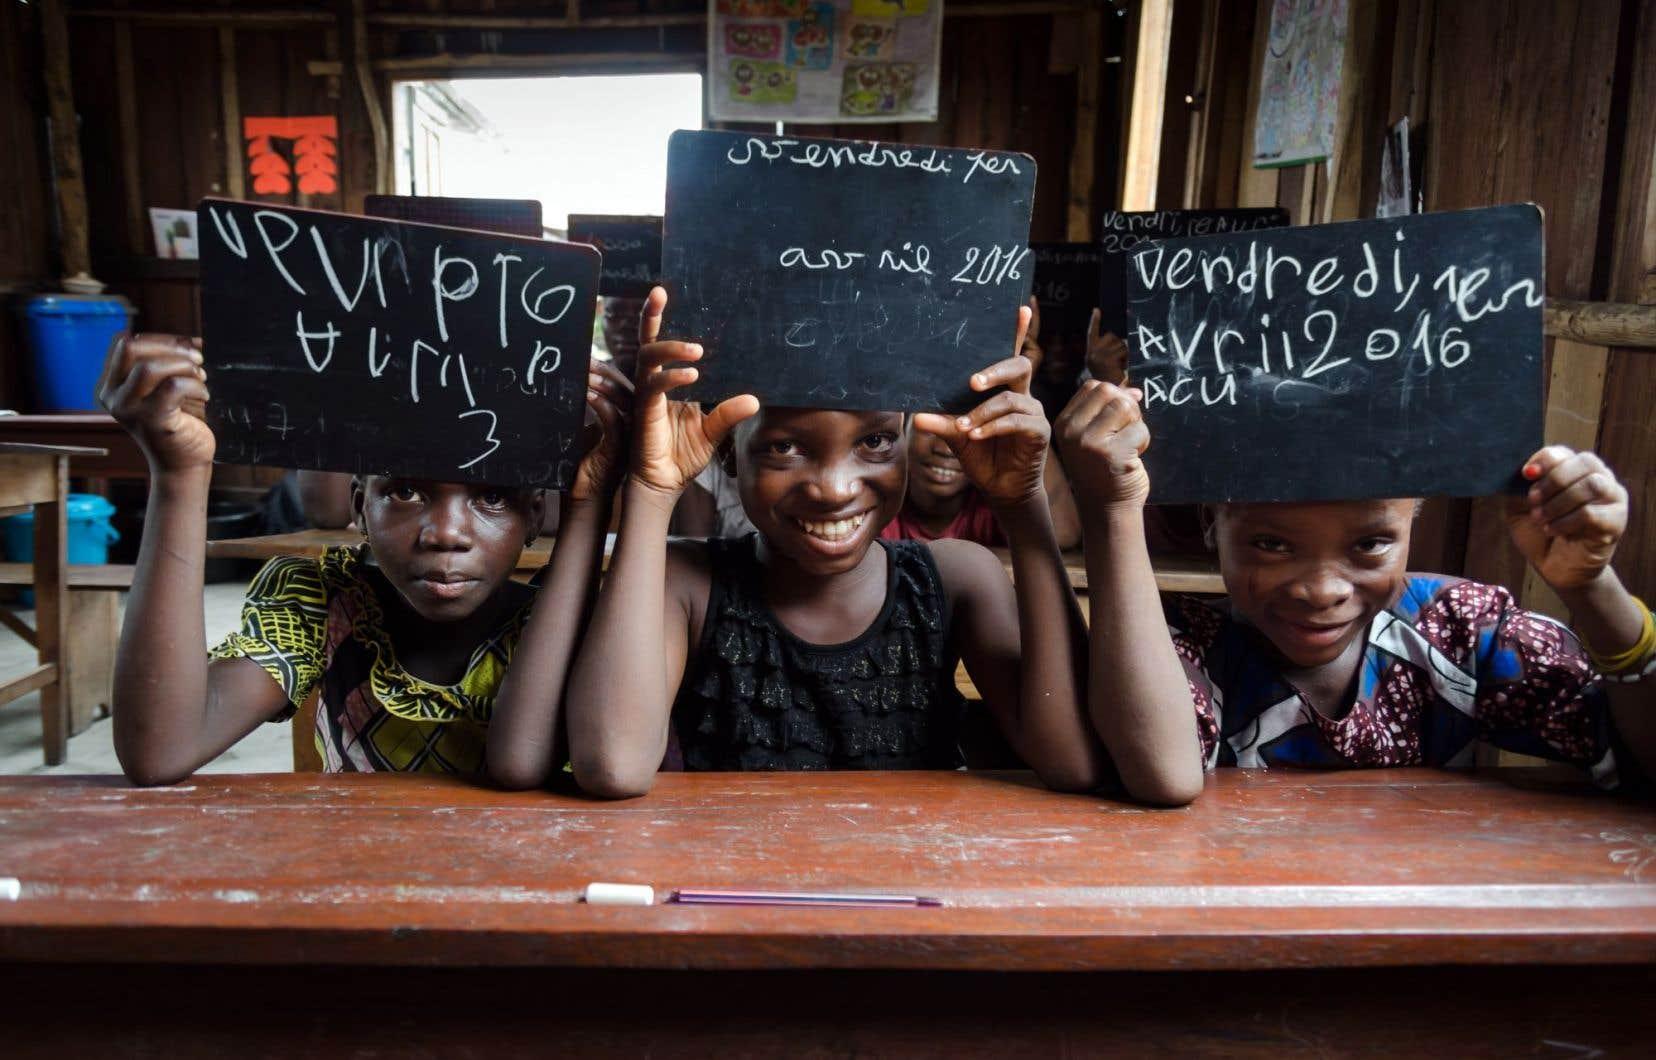 Agathe (8 ans), Rosine (11 ans) et Lucresse (7 ans), qui ne savaient ni lire ni écrire lorsqu'elles ont commencé à étudier grâce au projet Assovie, présentent fièrement leur ardoise, sur laquelle elles ont copié la date du jour.